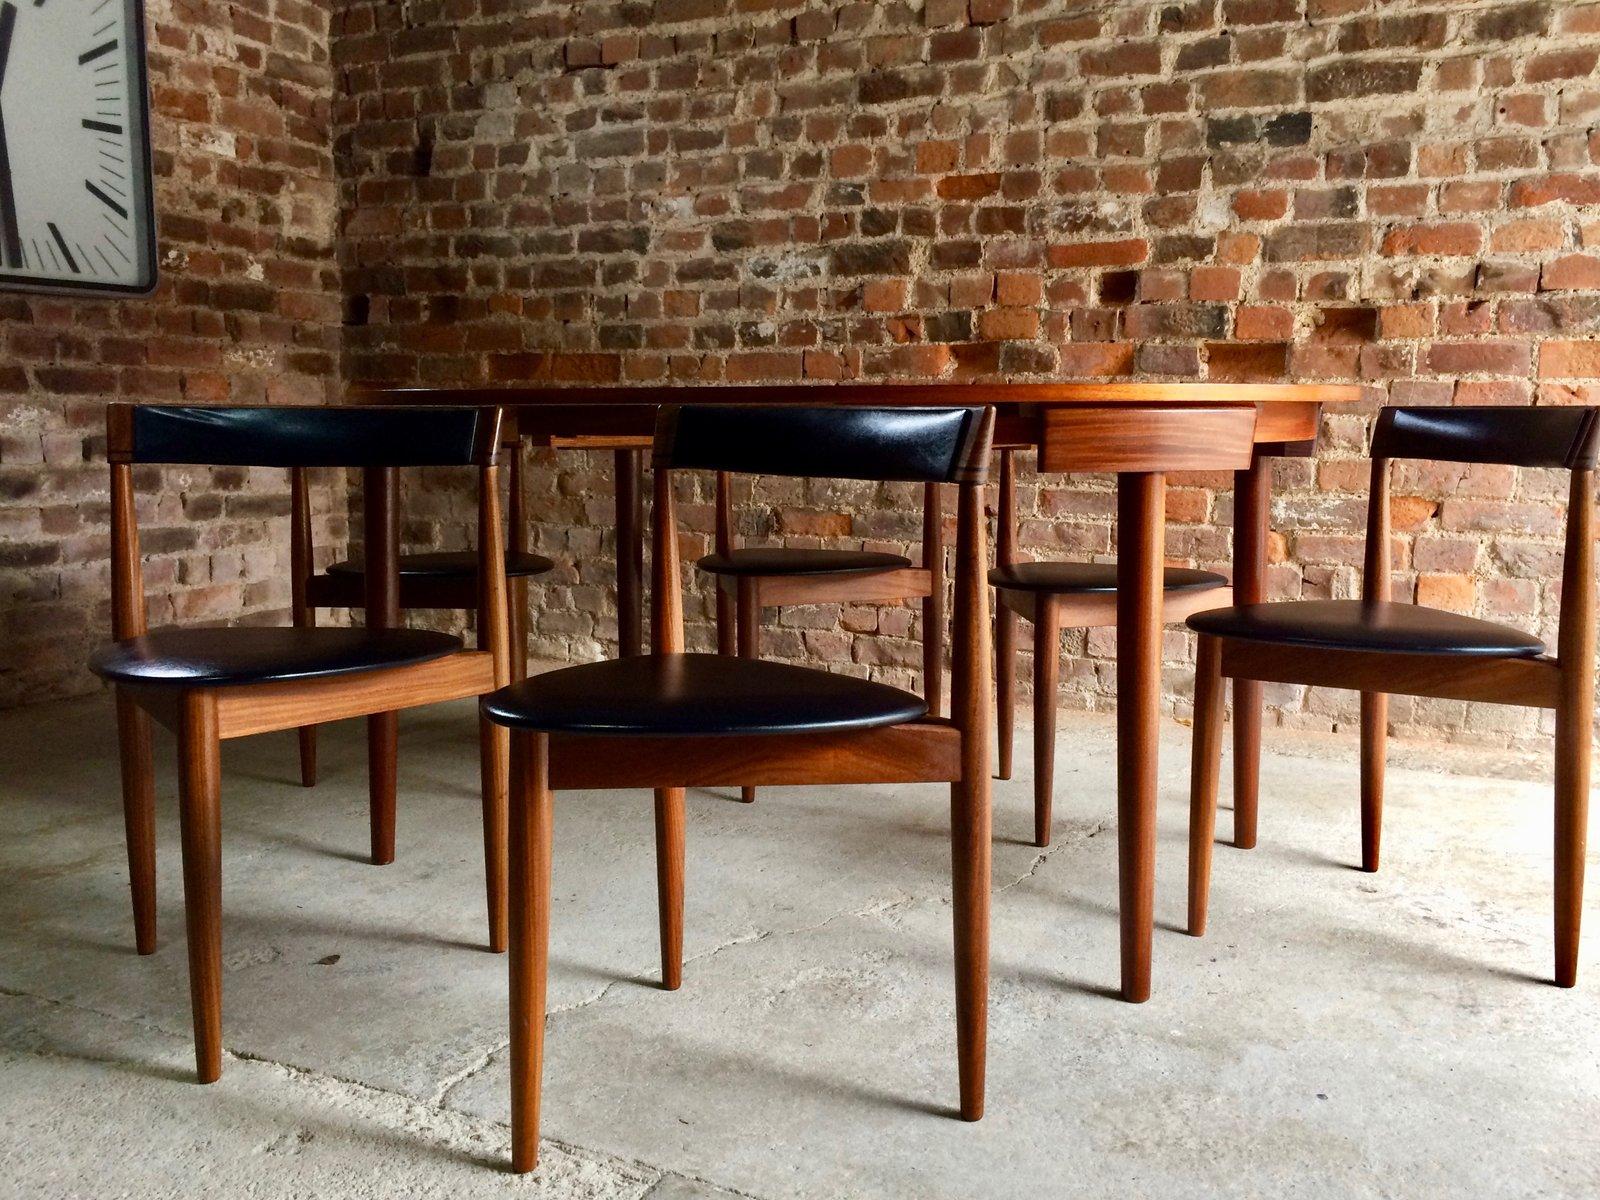 vintage dinette esstisch 6 st hle von hans olsen f r frem r jle 1960er bei pamono kaufen. Black Bedroom Furniture Sets. Home Design Ideas